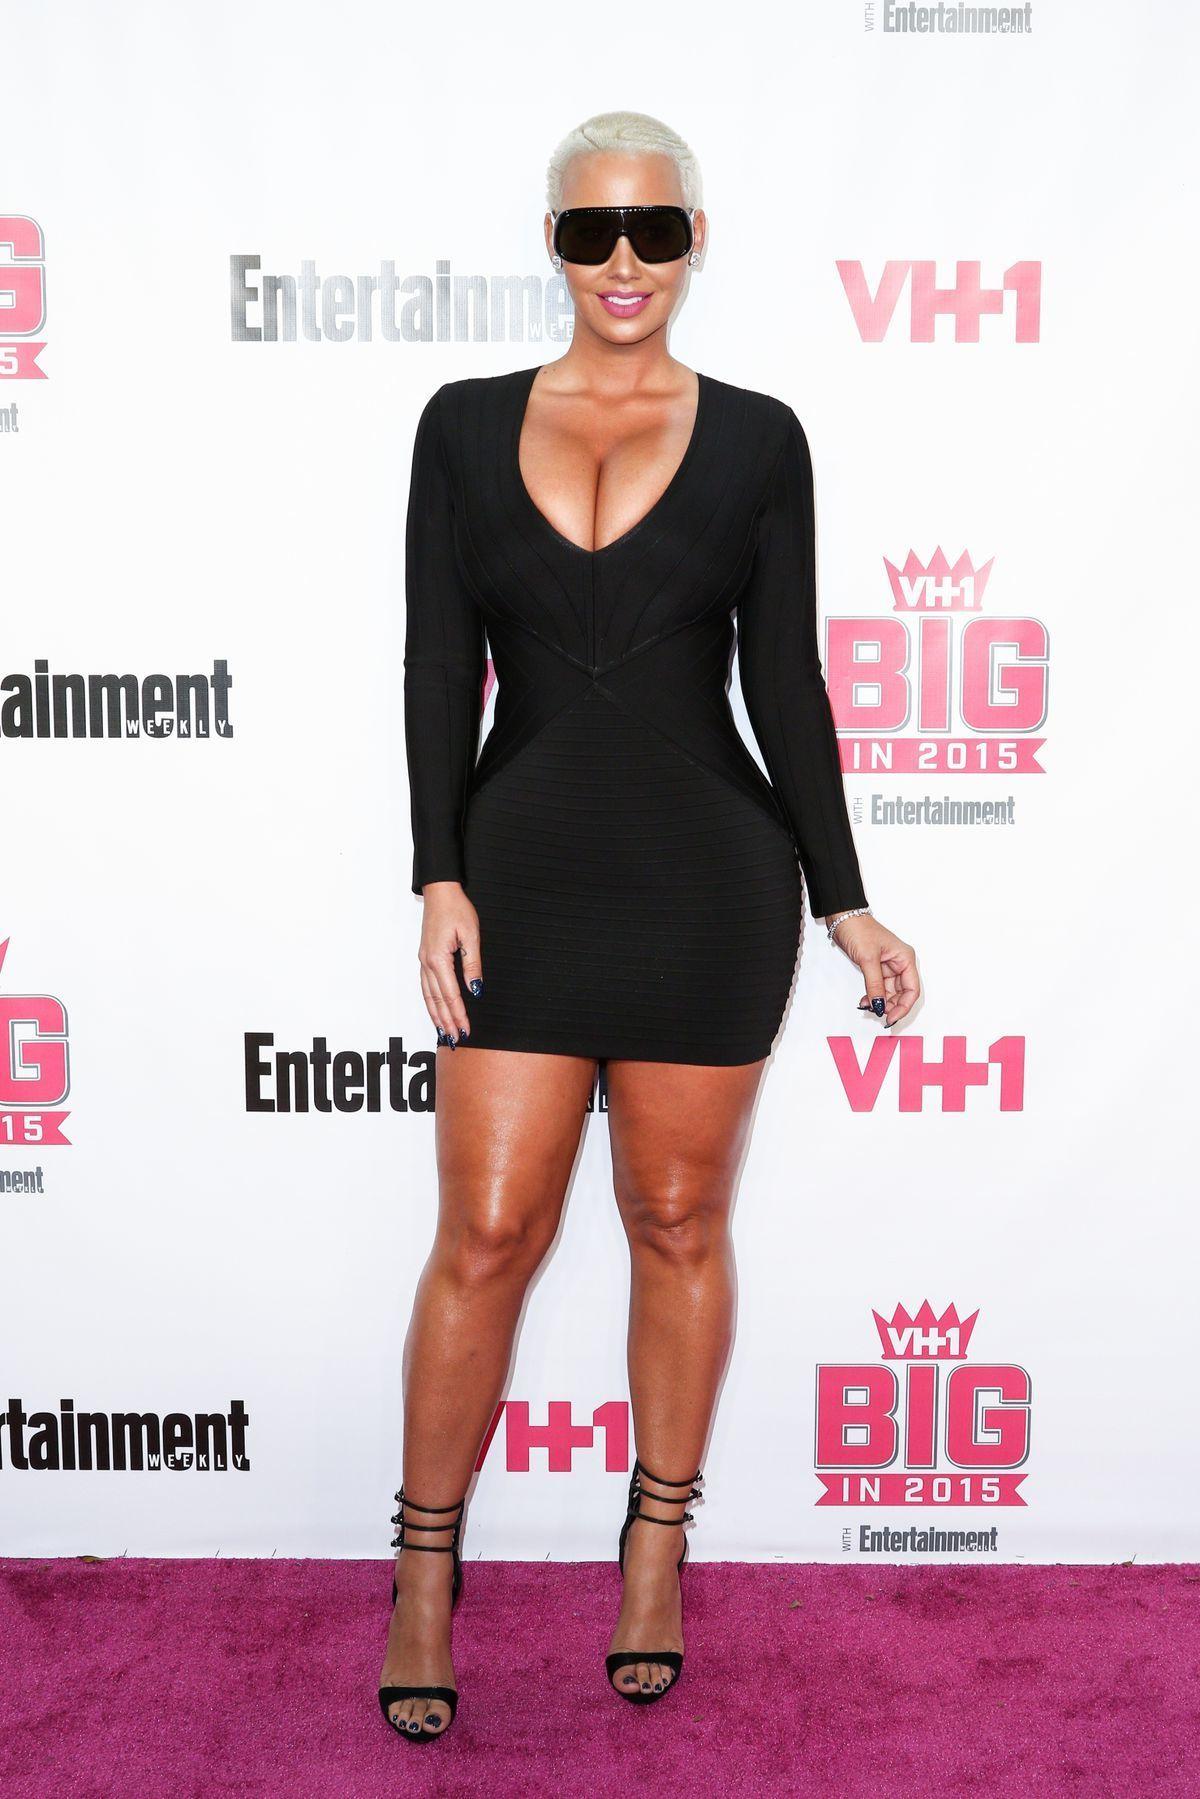 www bigs prsia com